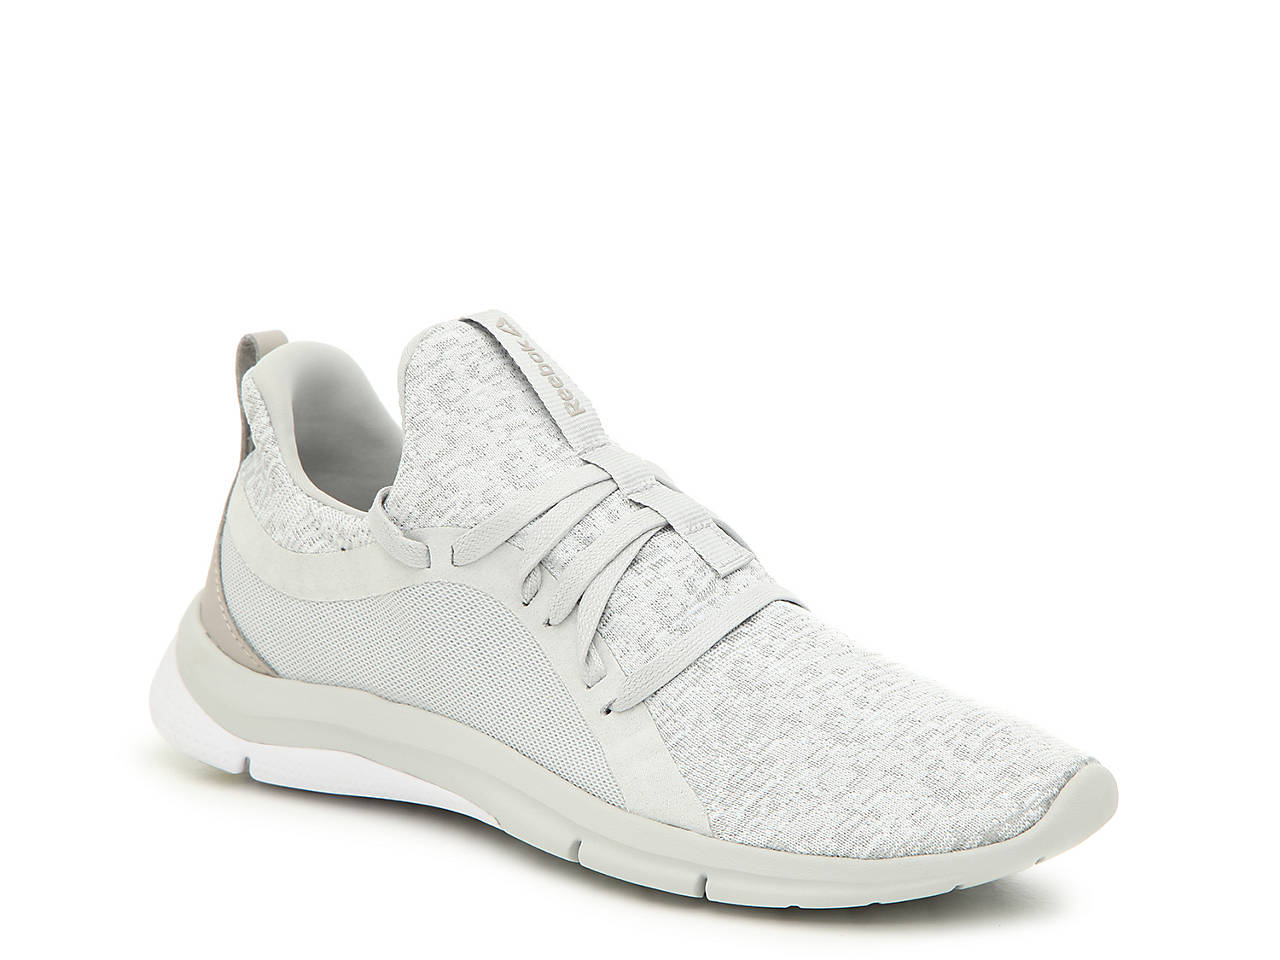 c9b88b09d8b4ab Reebok Z Print Her 3.0 Running Shoe - Women s Women s Shoes